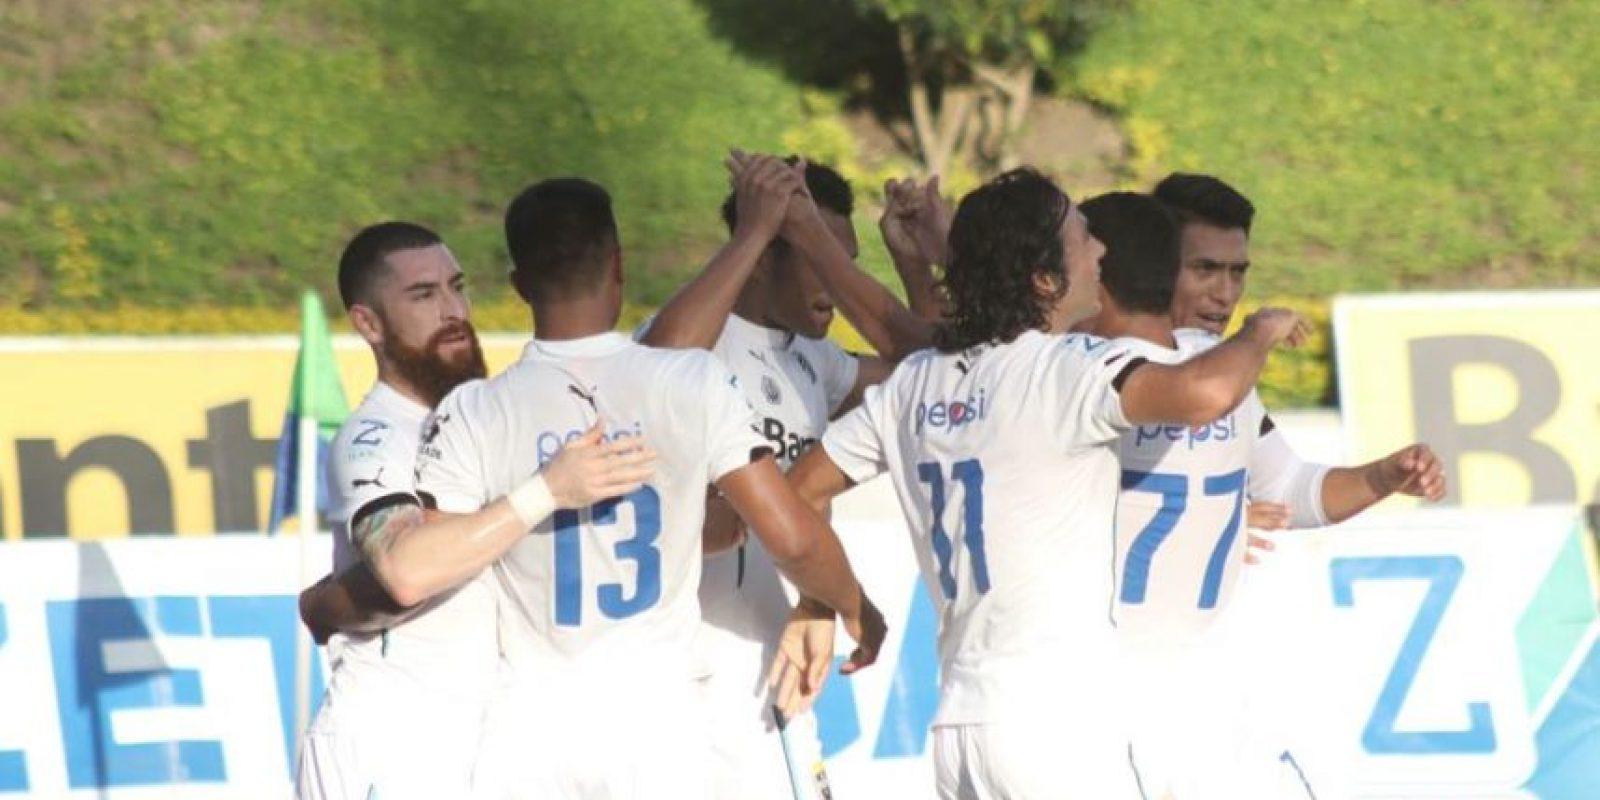 Los dos equipos vivieron jornadas de triunfo el miércoles en el Apertura 2015. Foto:Comunicaciones FC y rojos.com